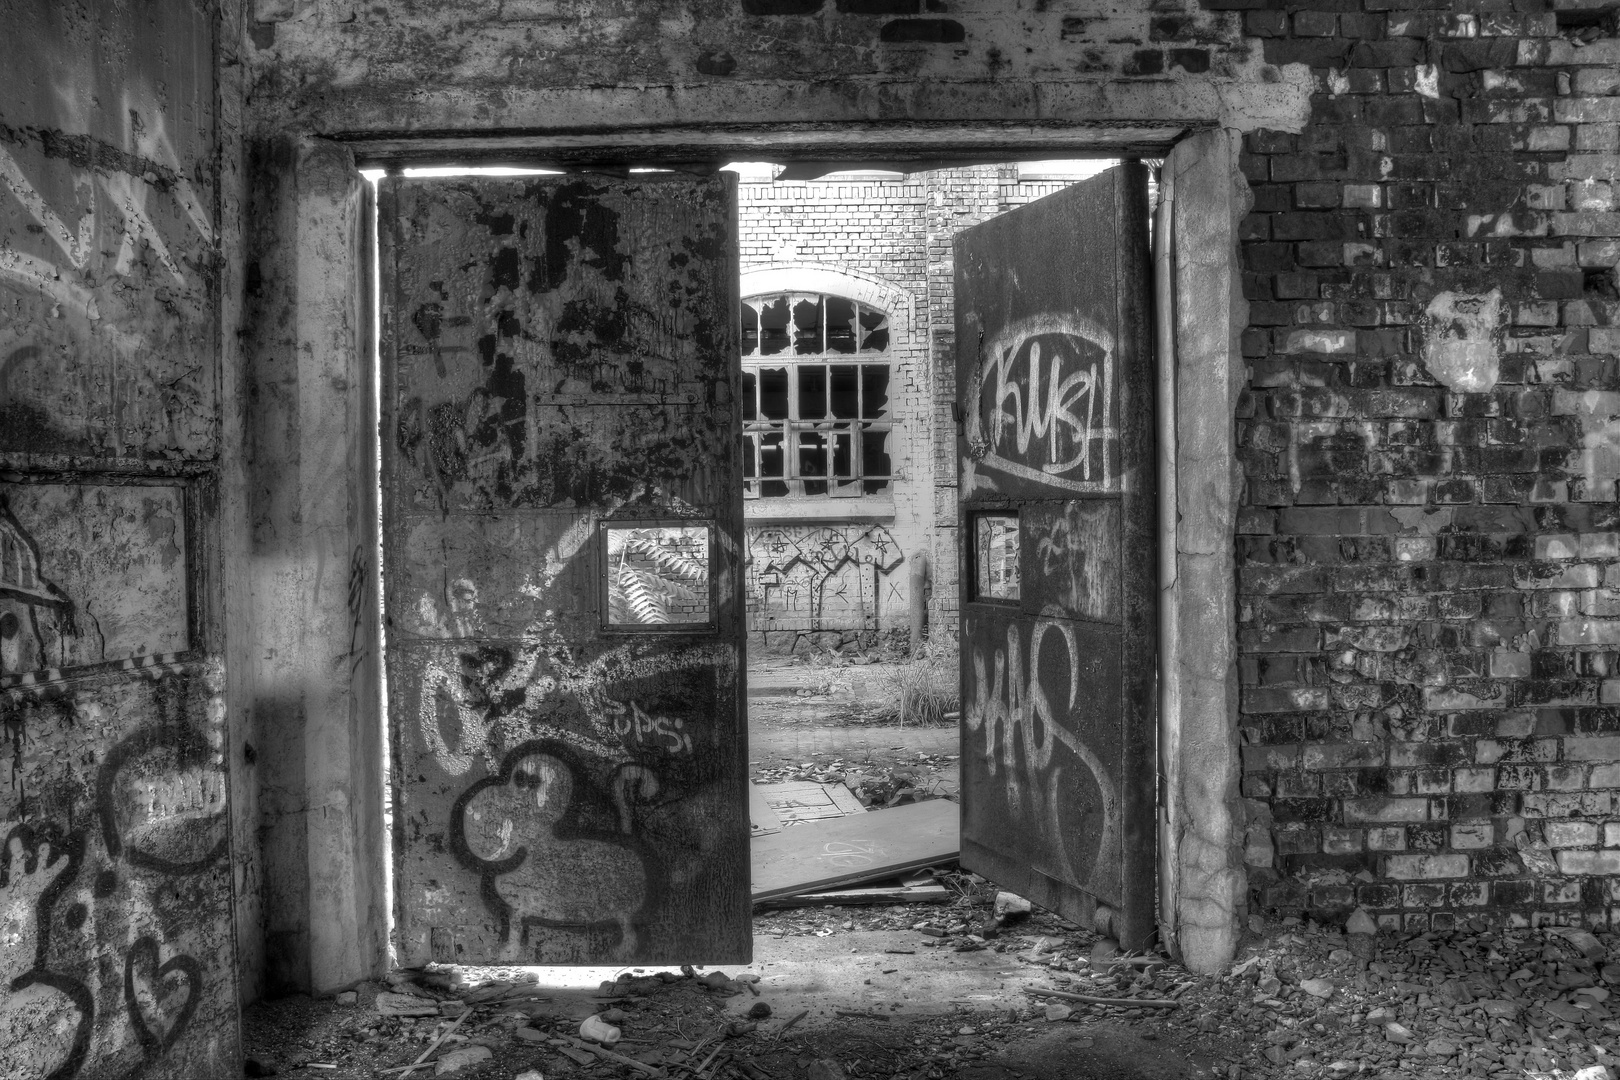 Der Eingang in die Vergangenheit...